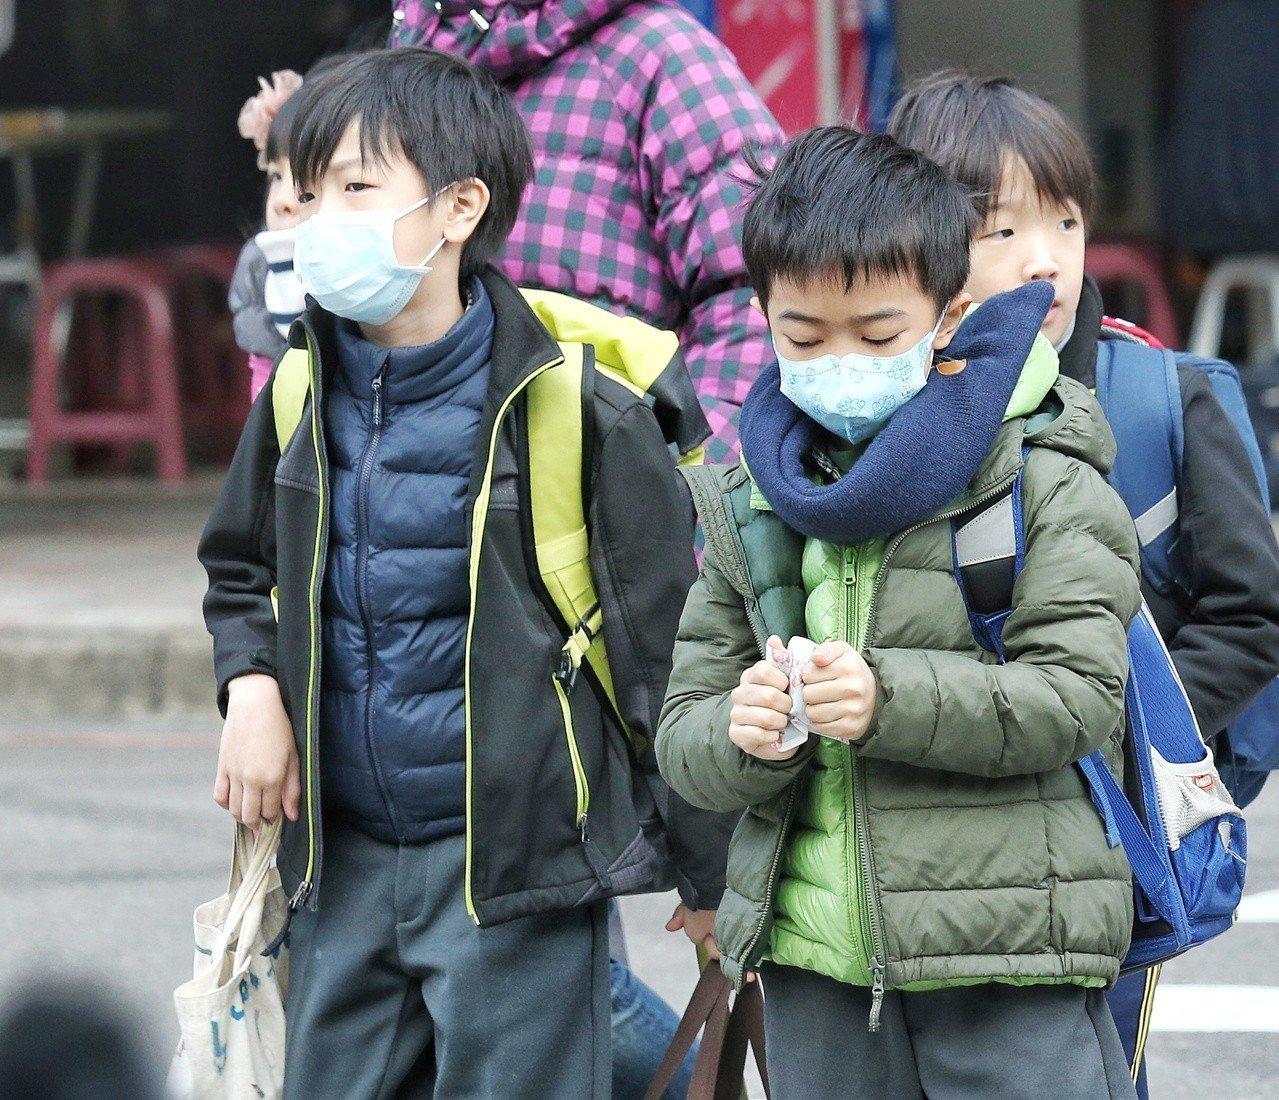 中央氣象局表示,淡水出現六度的低溫,北部地區入夜後也有九度的低溫,孩子們穿上冬衣...